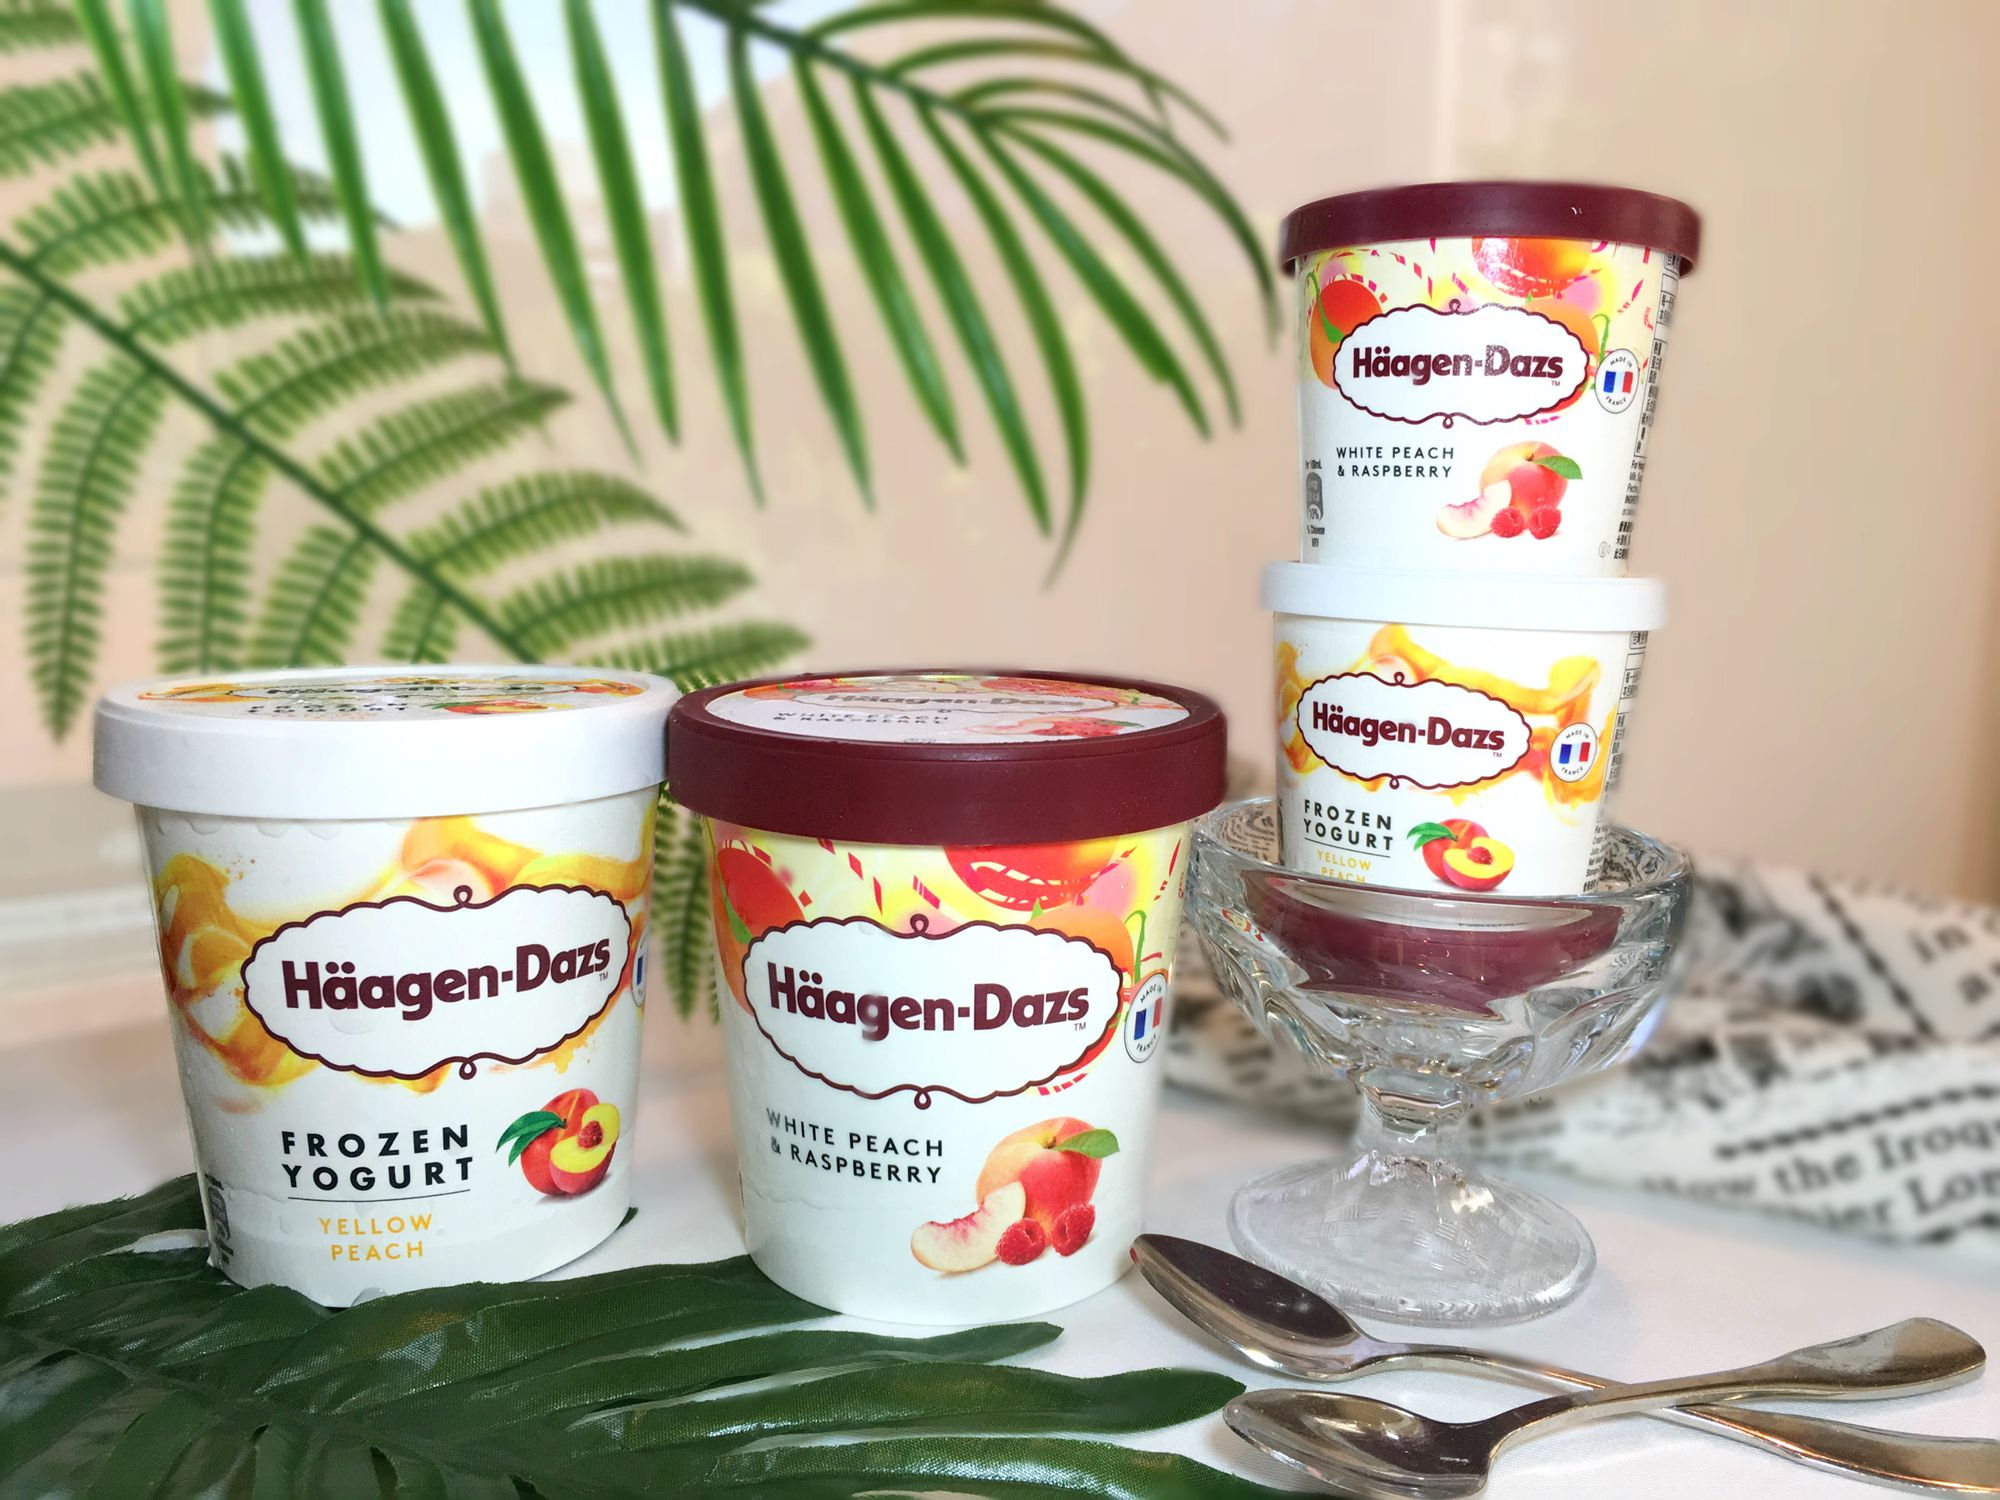 盛夏戀愛的滋味!Häagen-Dazs推出全新限定口味大開桃憩派對!